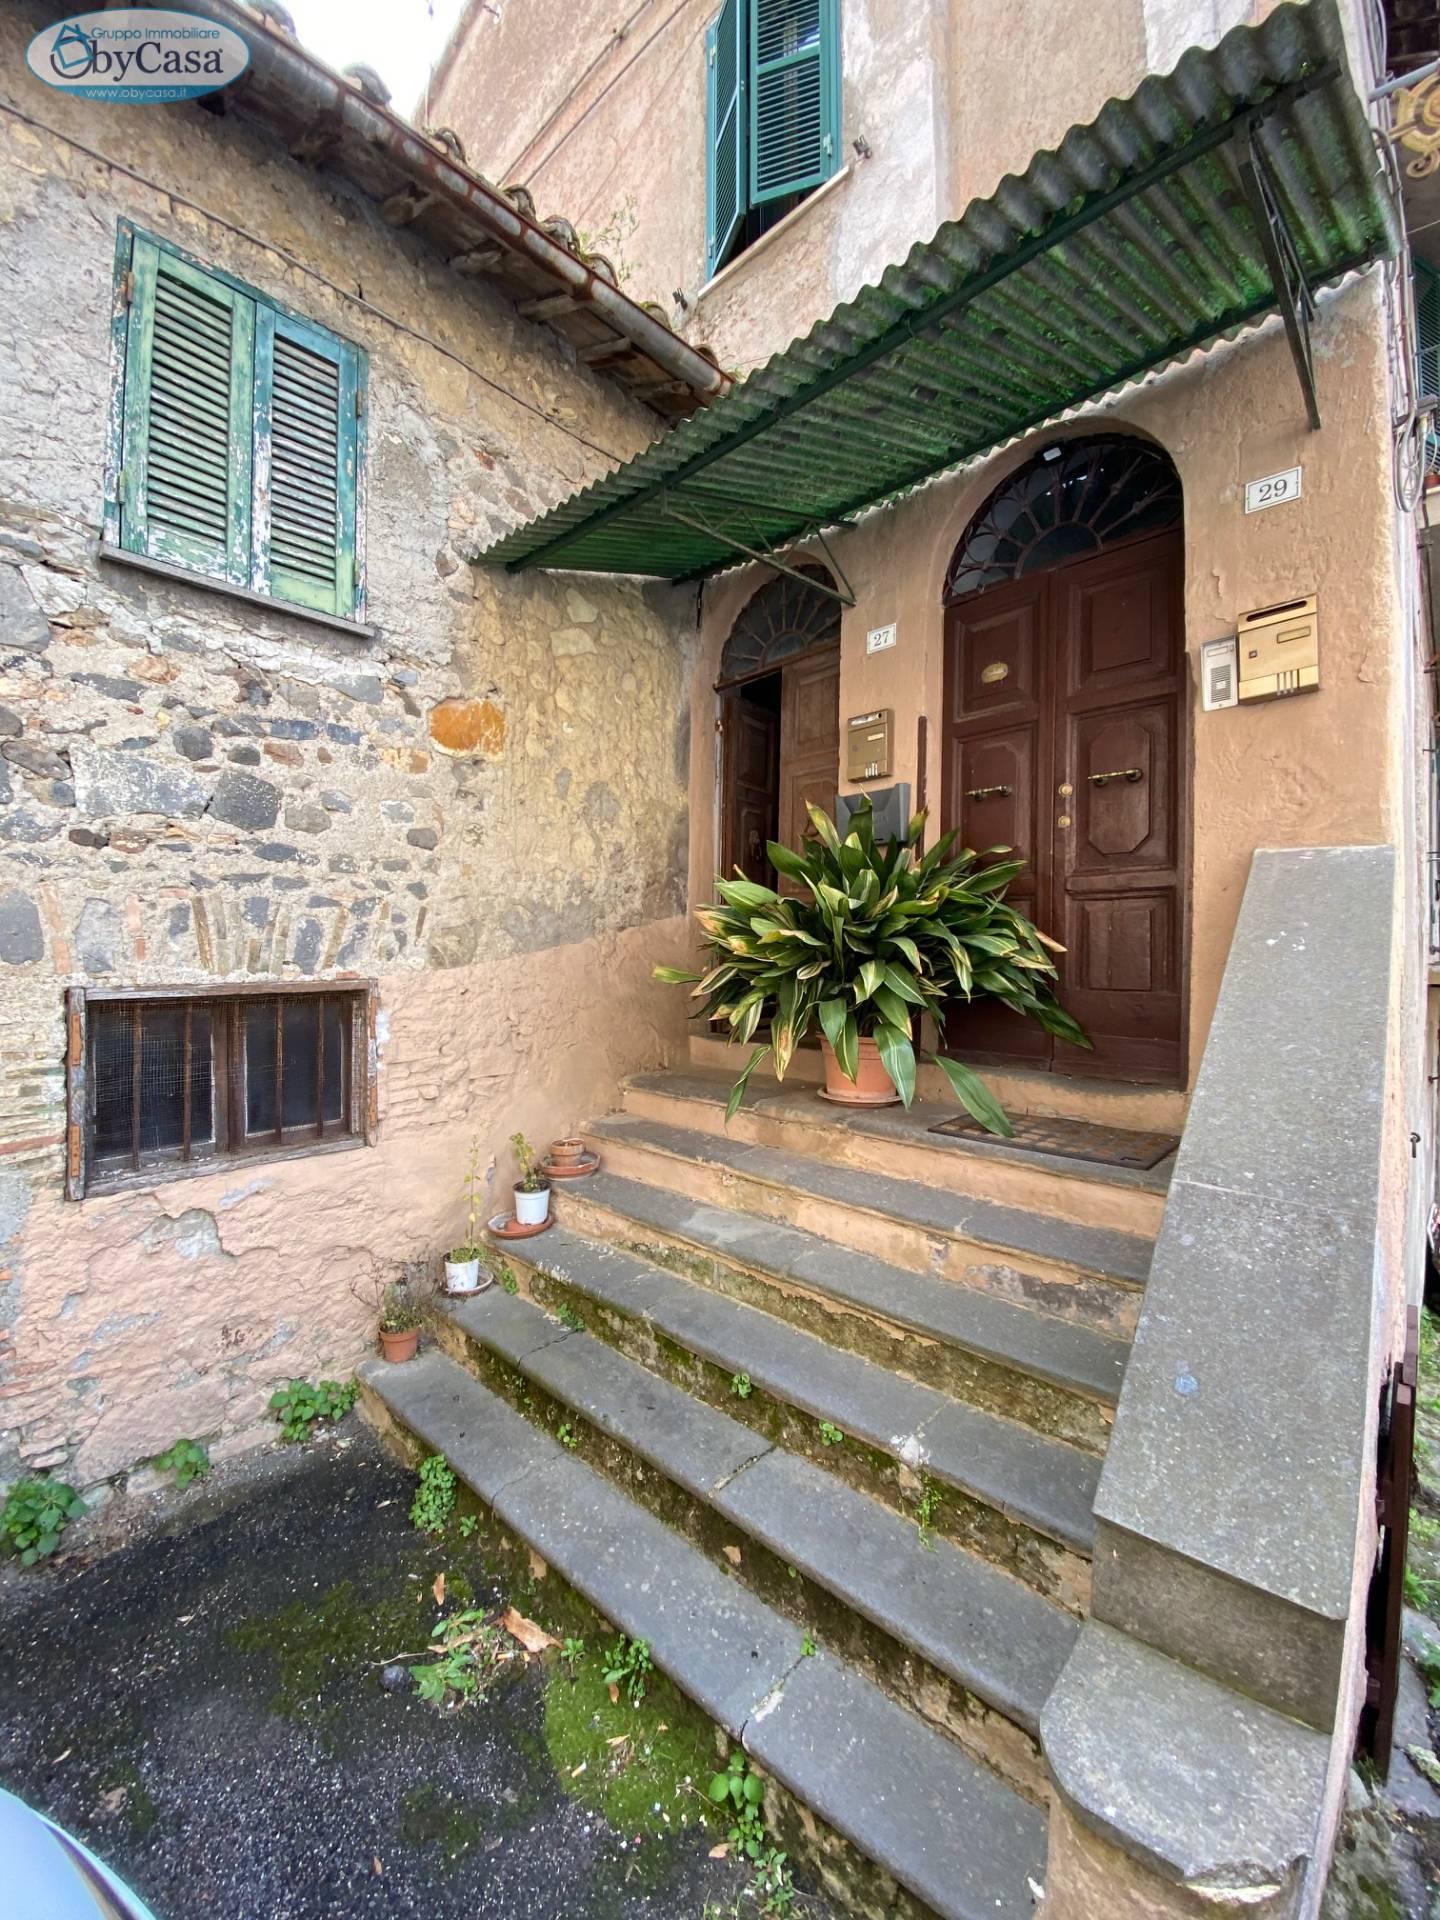 Appartamento in vendita a Bracciano, 3 locali, zona Località: semicentrale, prezzo € 100.000   CambioCasa.it